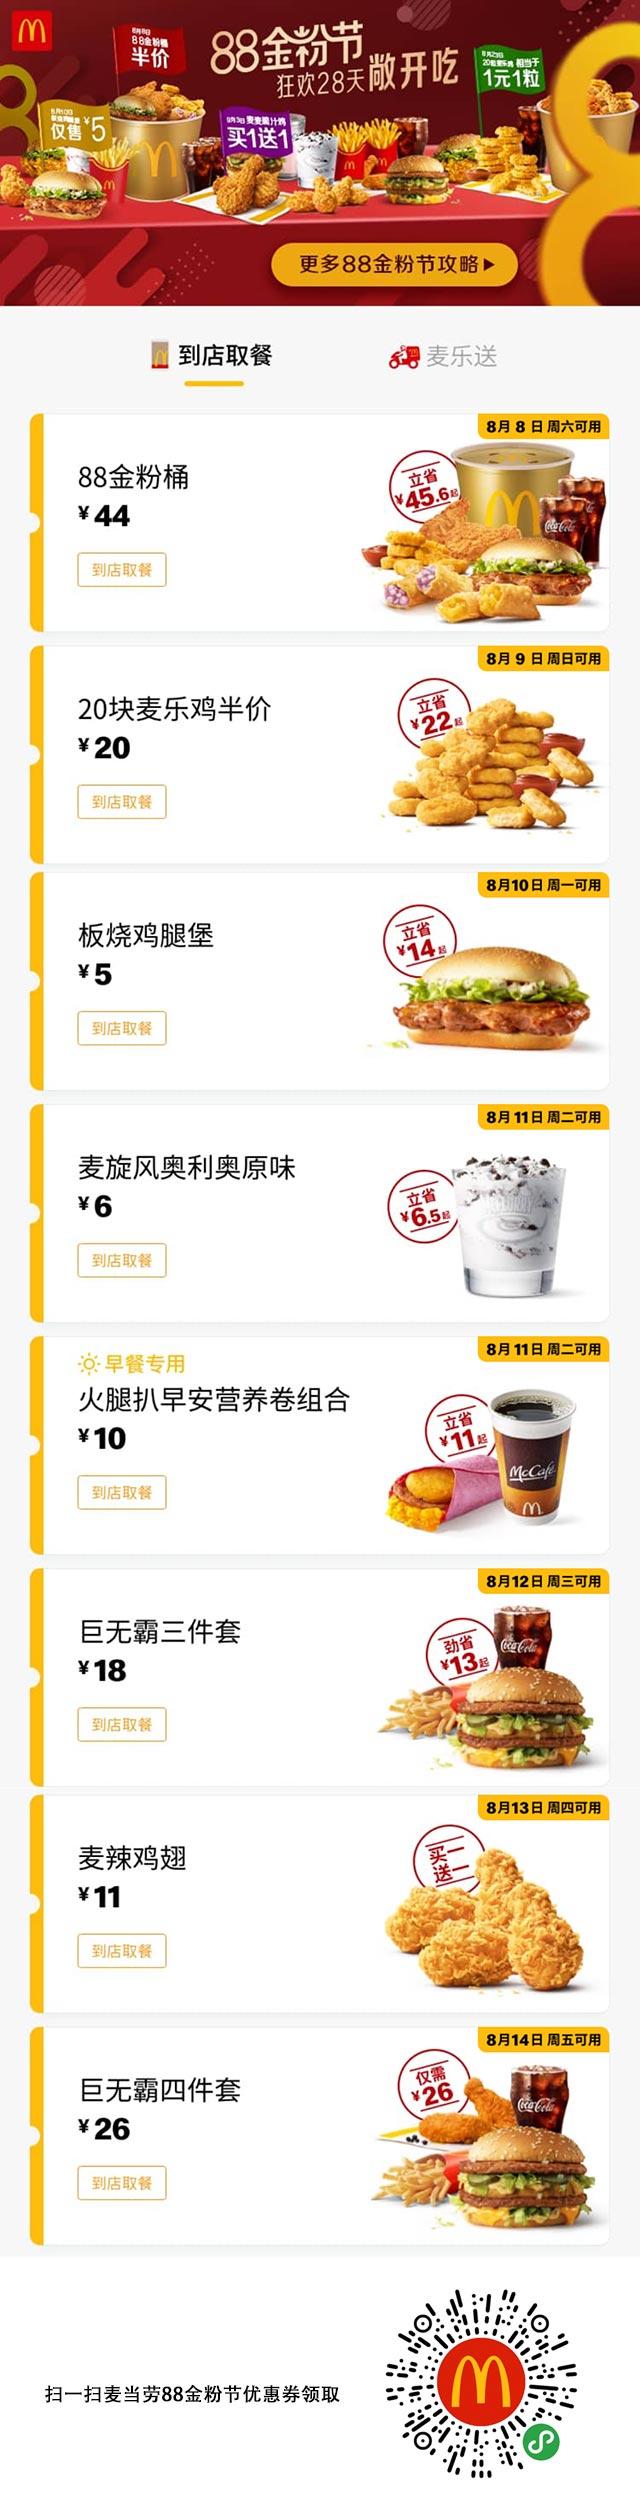 优惠券图片:麦当劳88金粉节优惠券,半价桶、买一送一 狂欢28天 有效期2020年08月1日-2020年09月4日